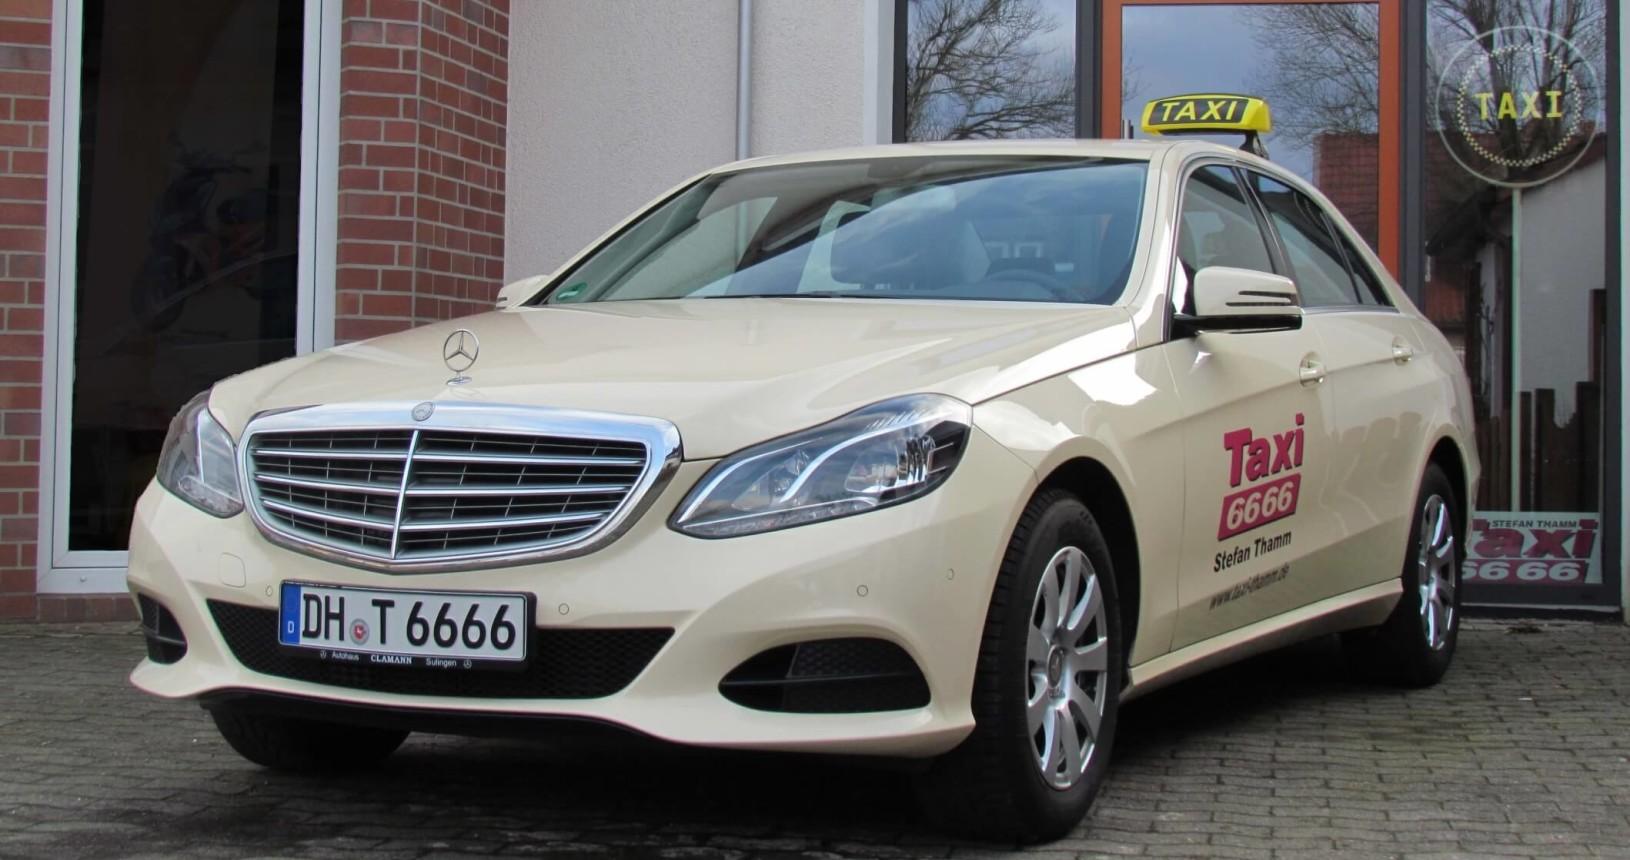 taxi_2118_1296